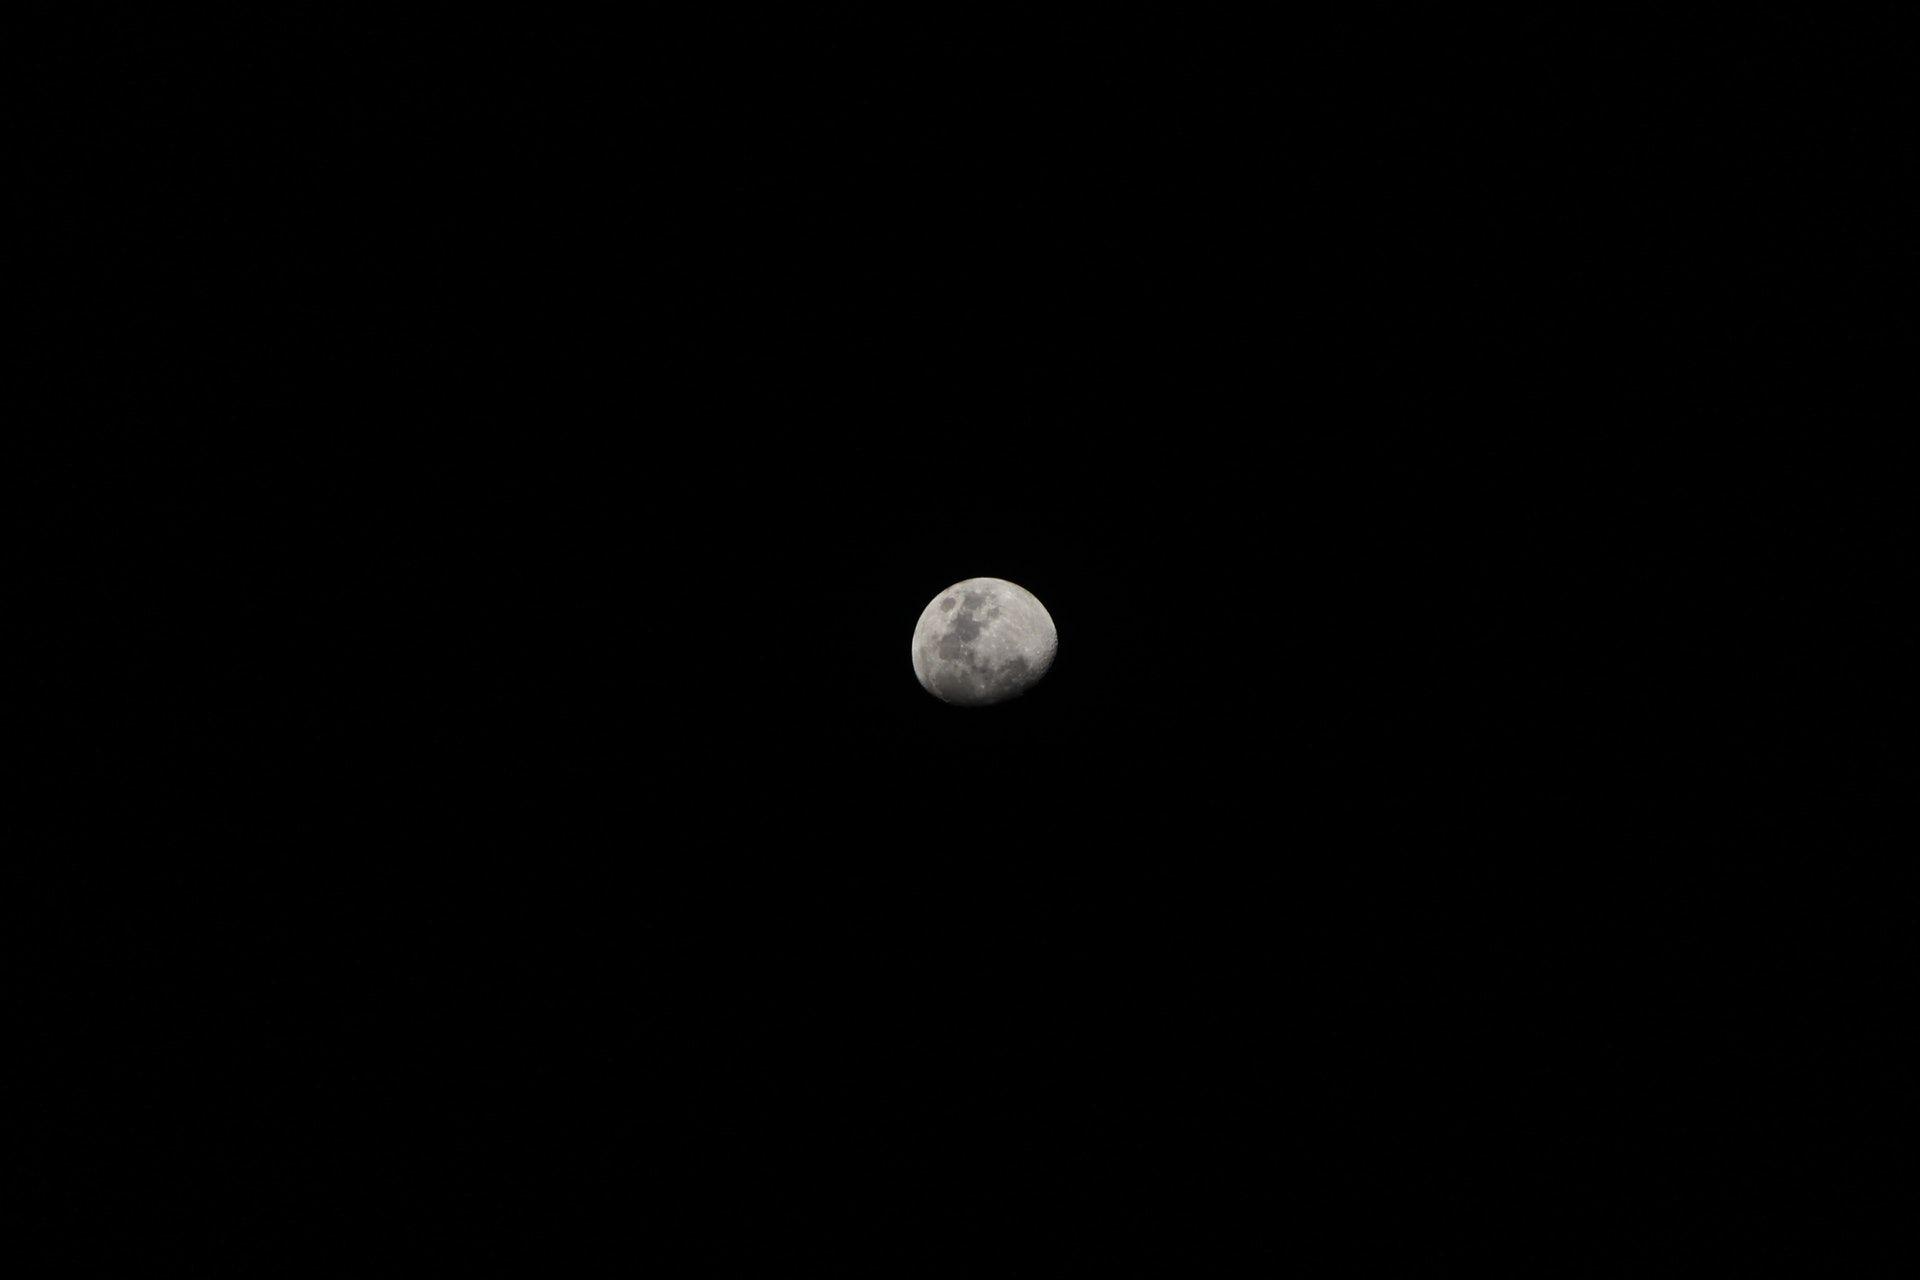 عکس زمینه سیاه و سفید از نیمه ماه پس زمینه